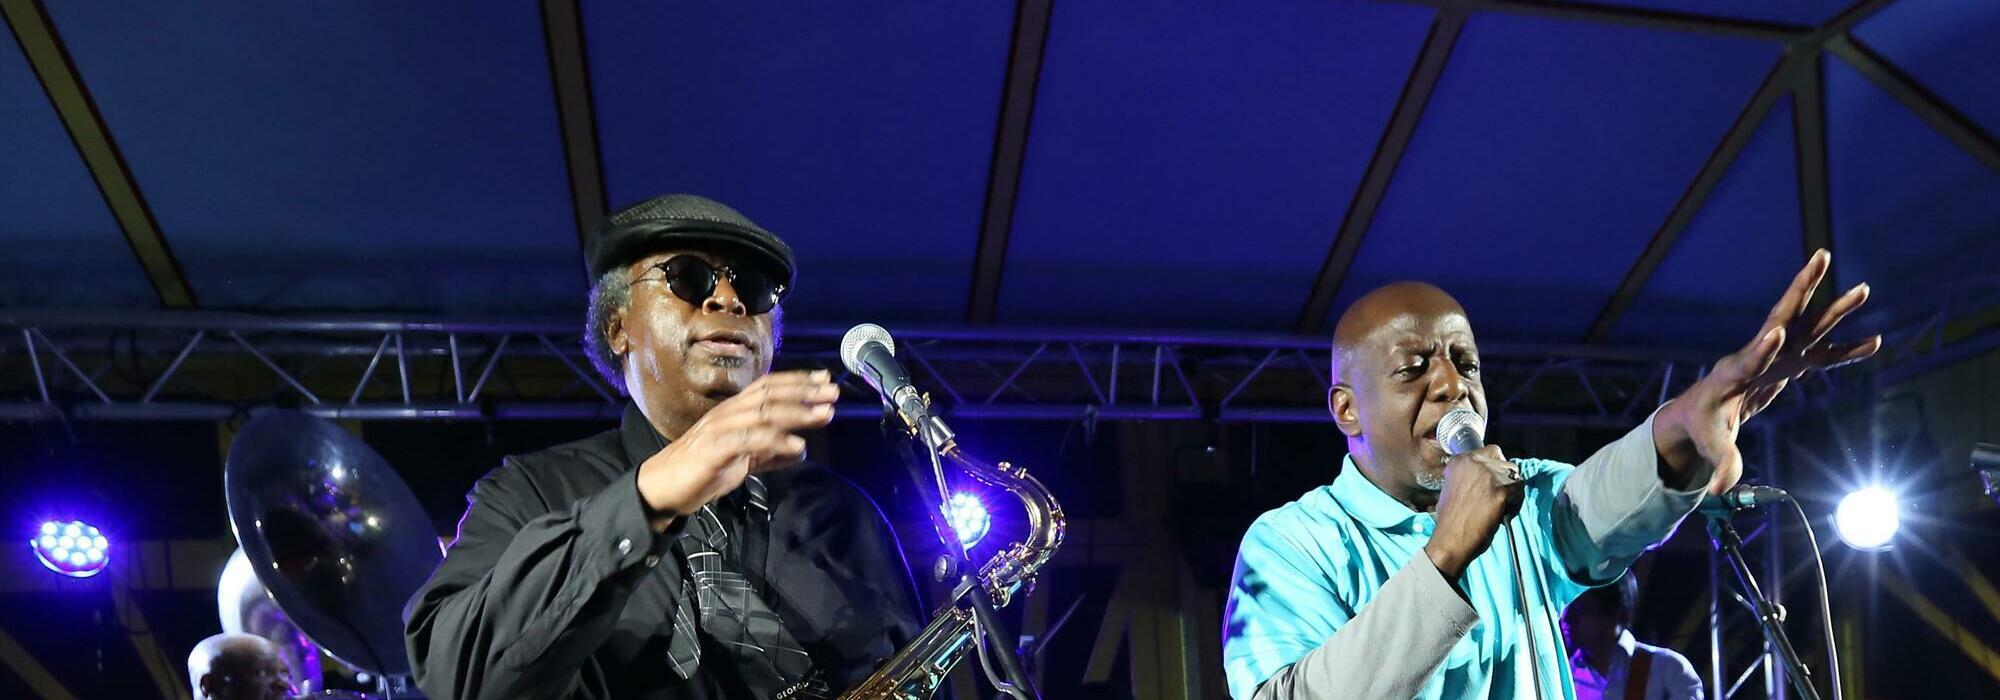 A Dirty Dozen Brass Band live event